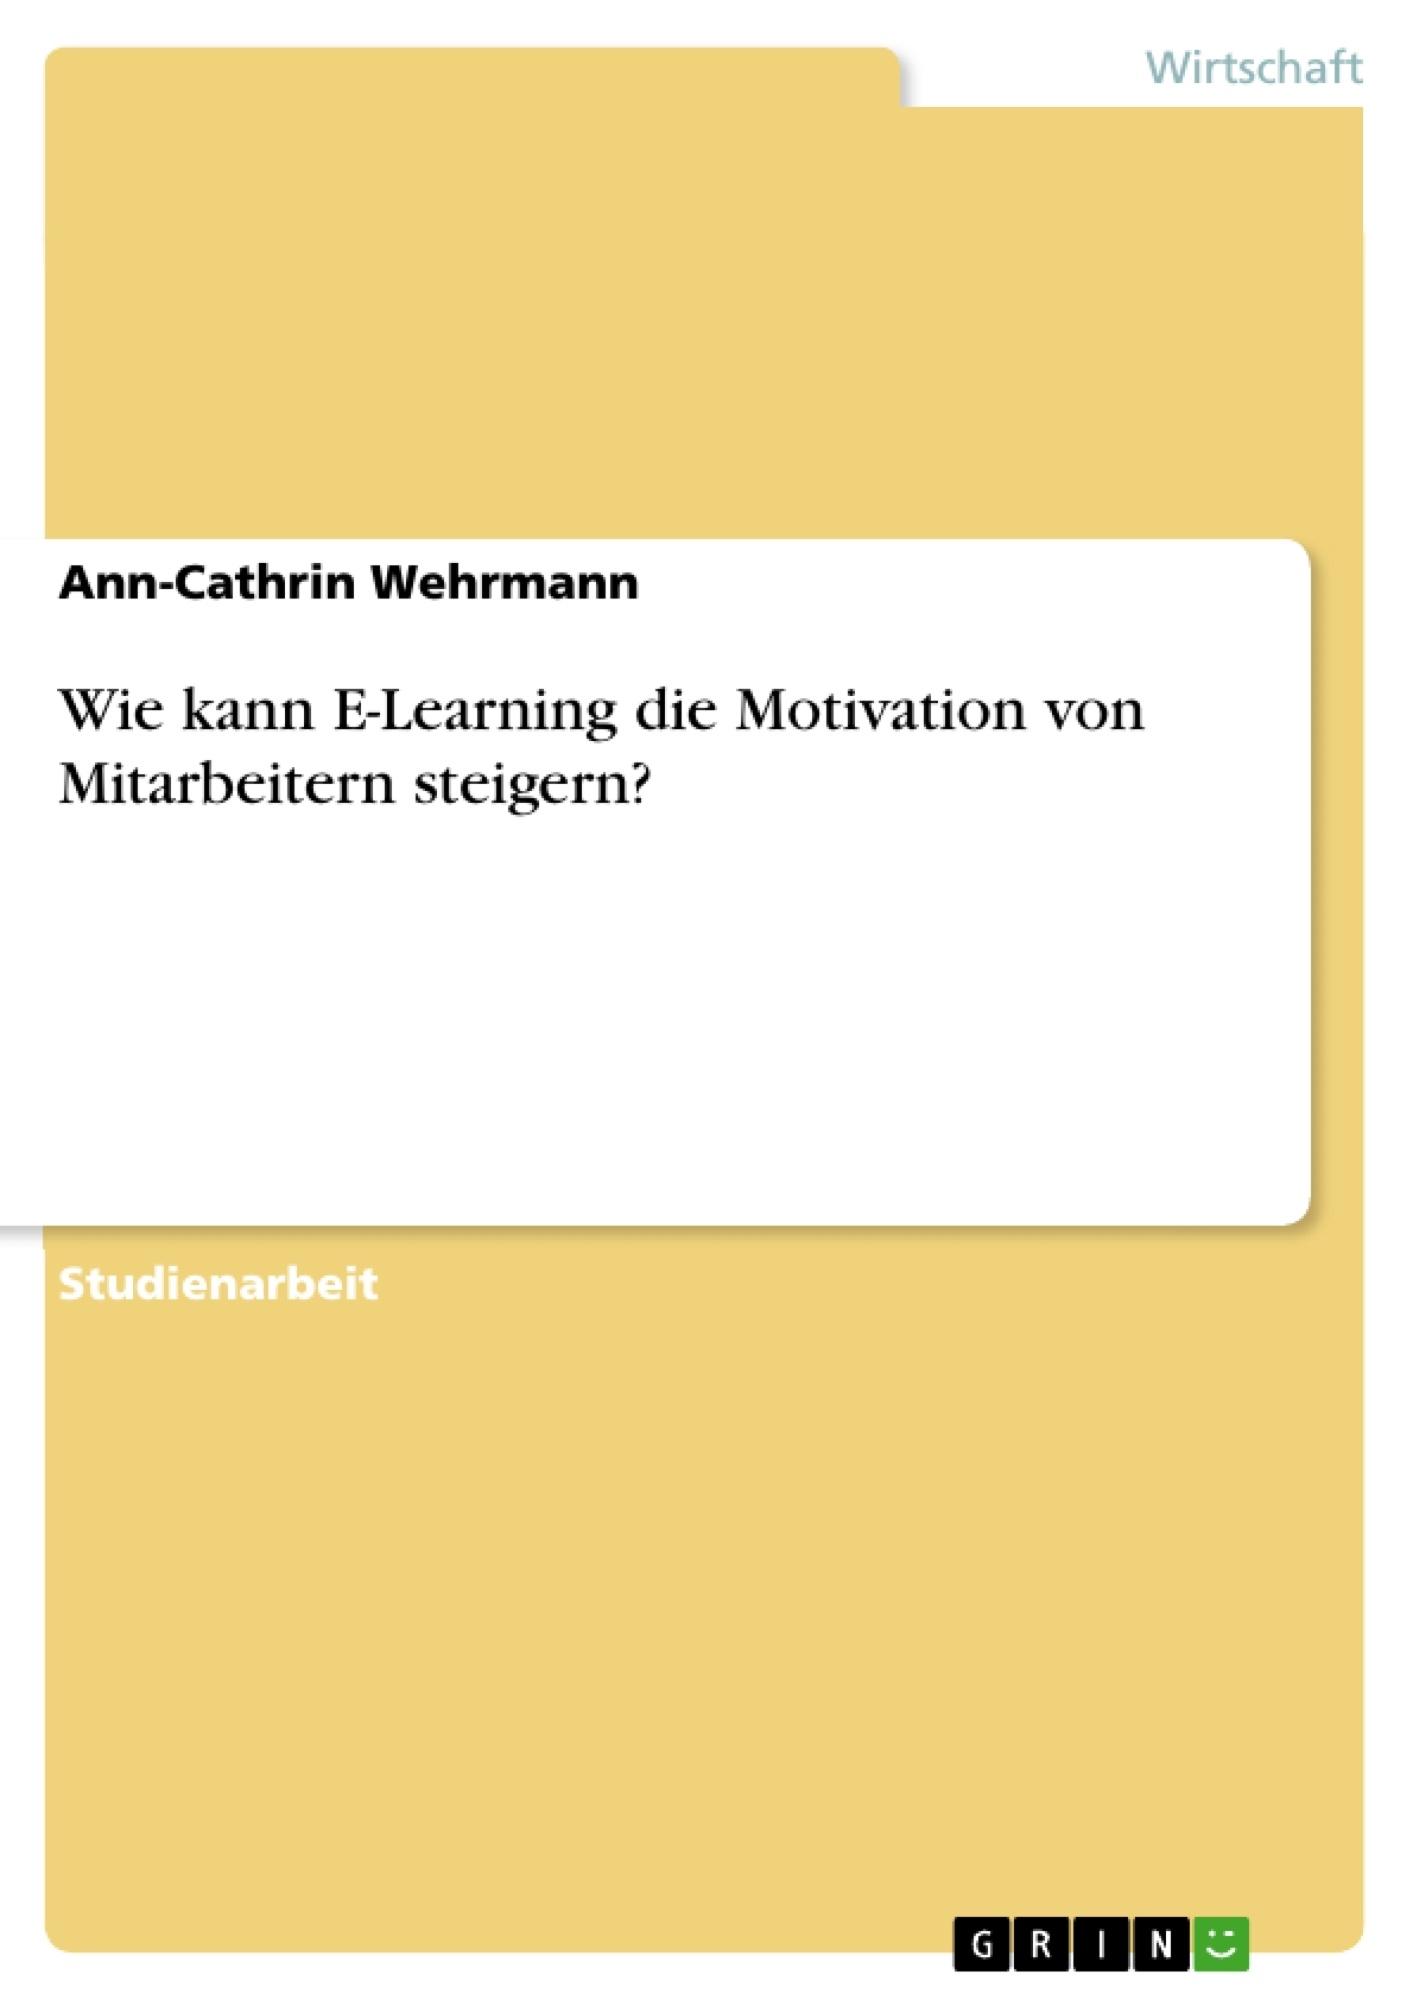 Titel: Wie kann E-Learning die Motivation von Mitarbeitern steigern?